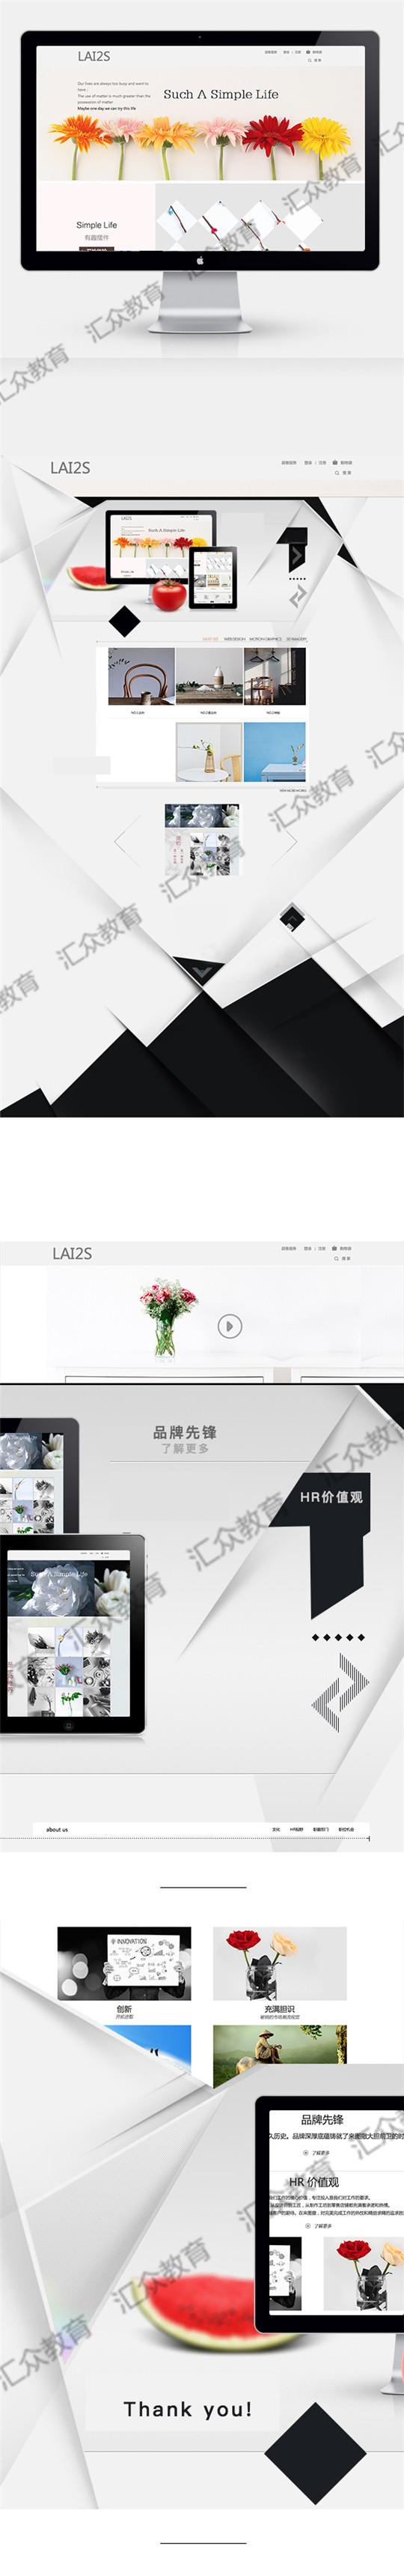 移动互联作品-皇冠现金·北京北三环游戏校区 UI视觉作品